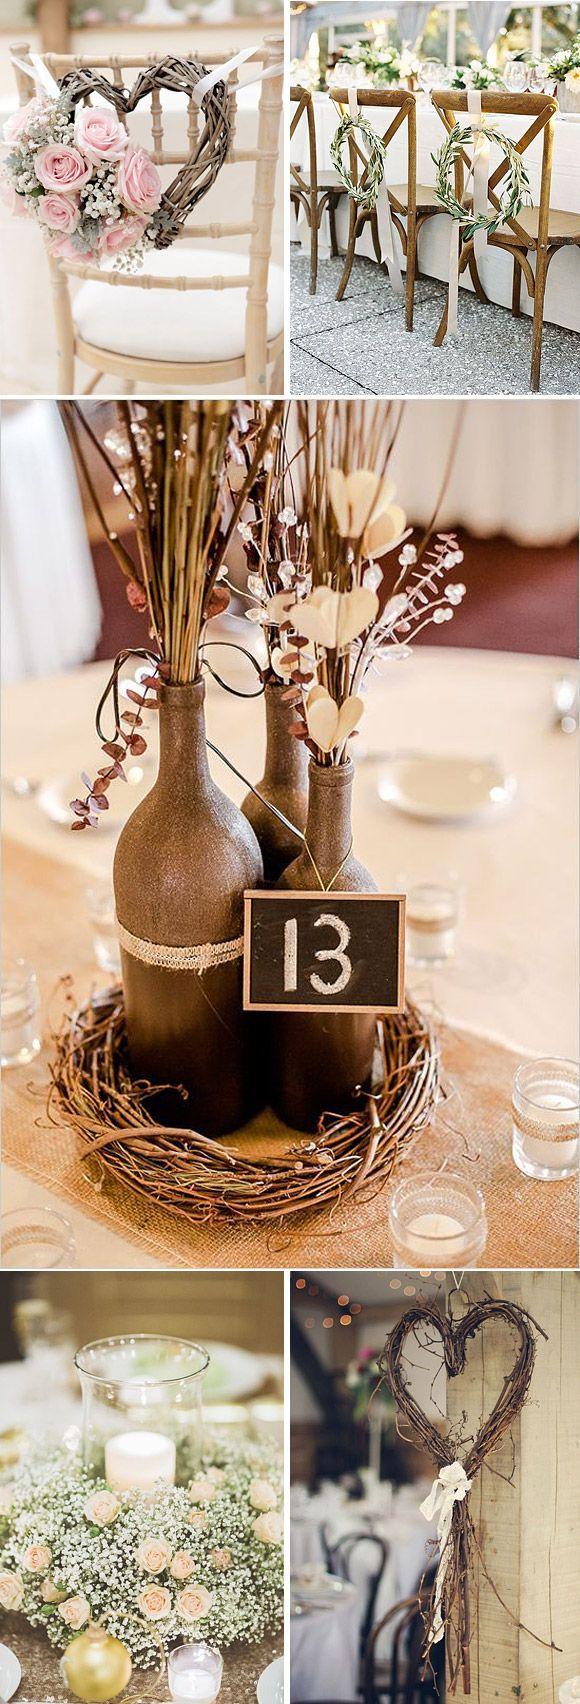 ideas-decoracion-bodas-con-coronas-04.jpg (580×1704)